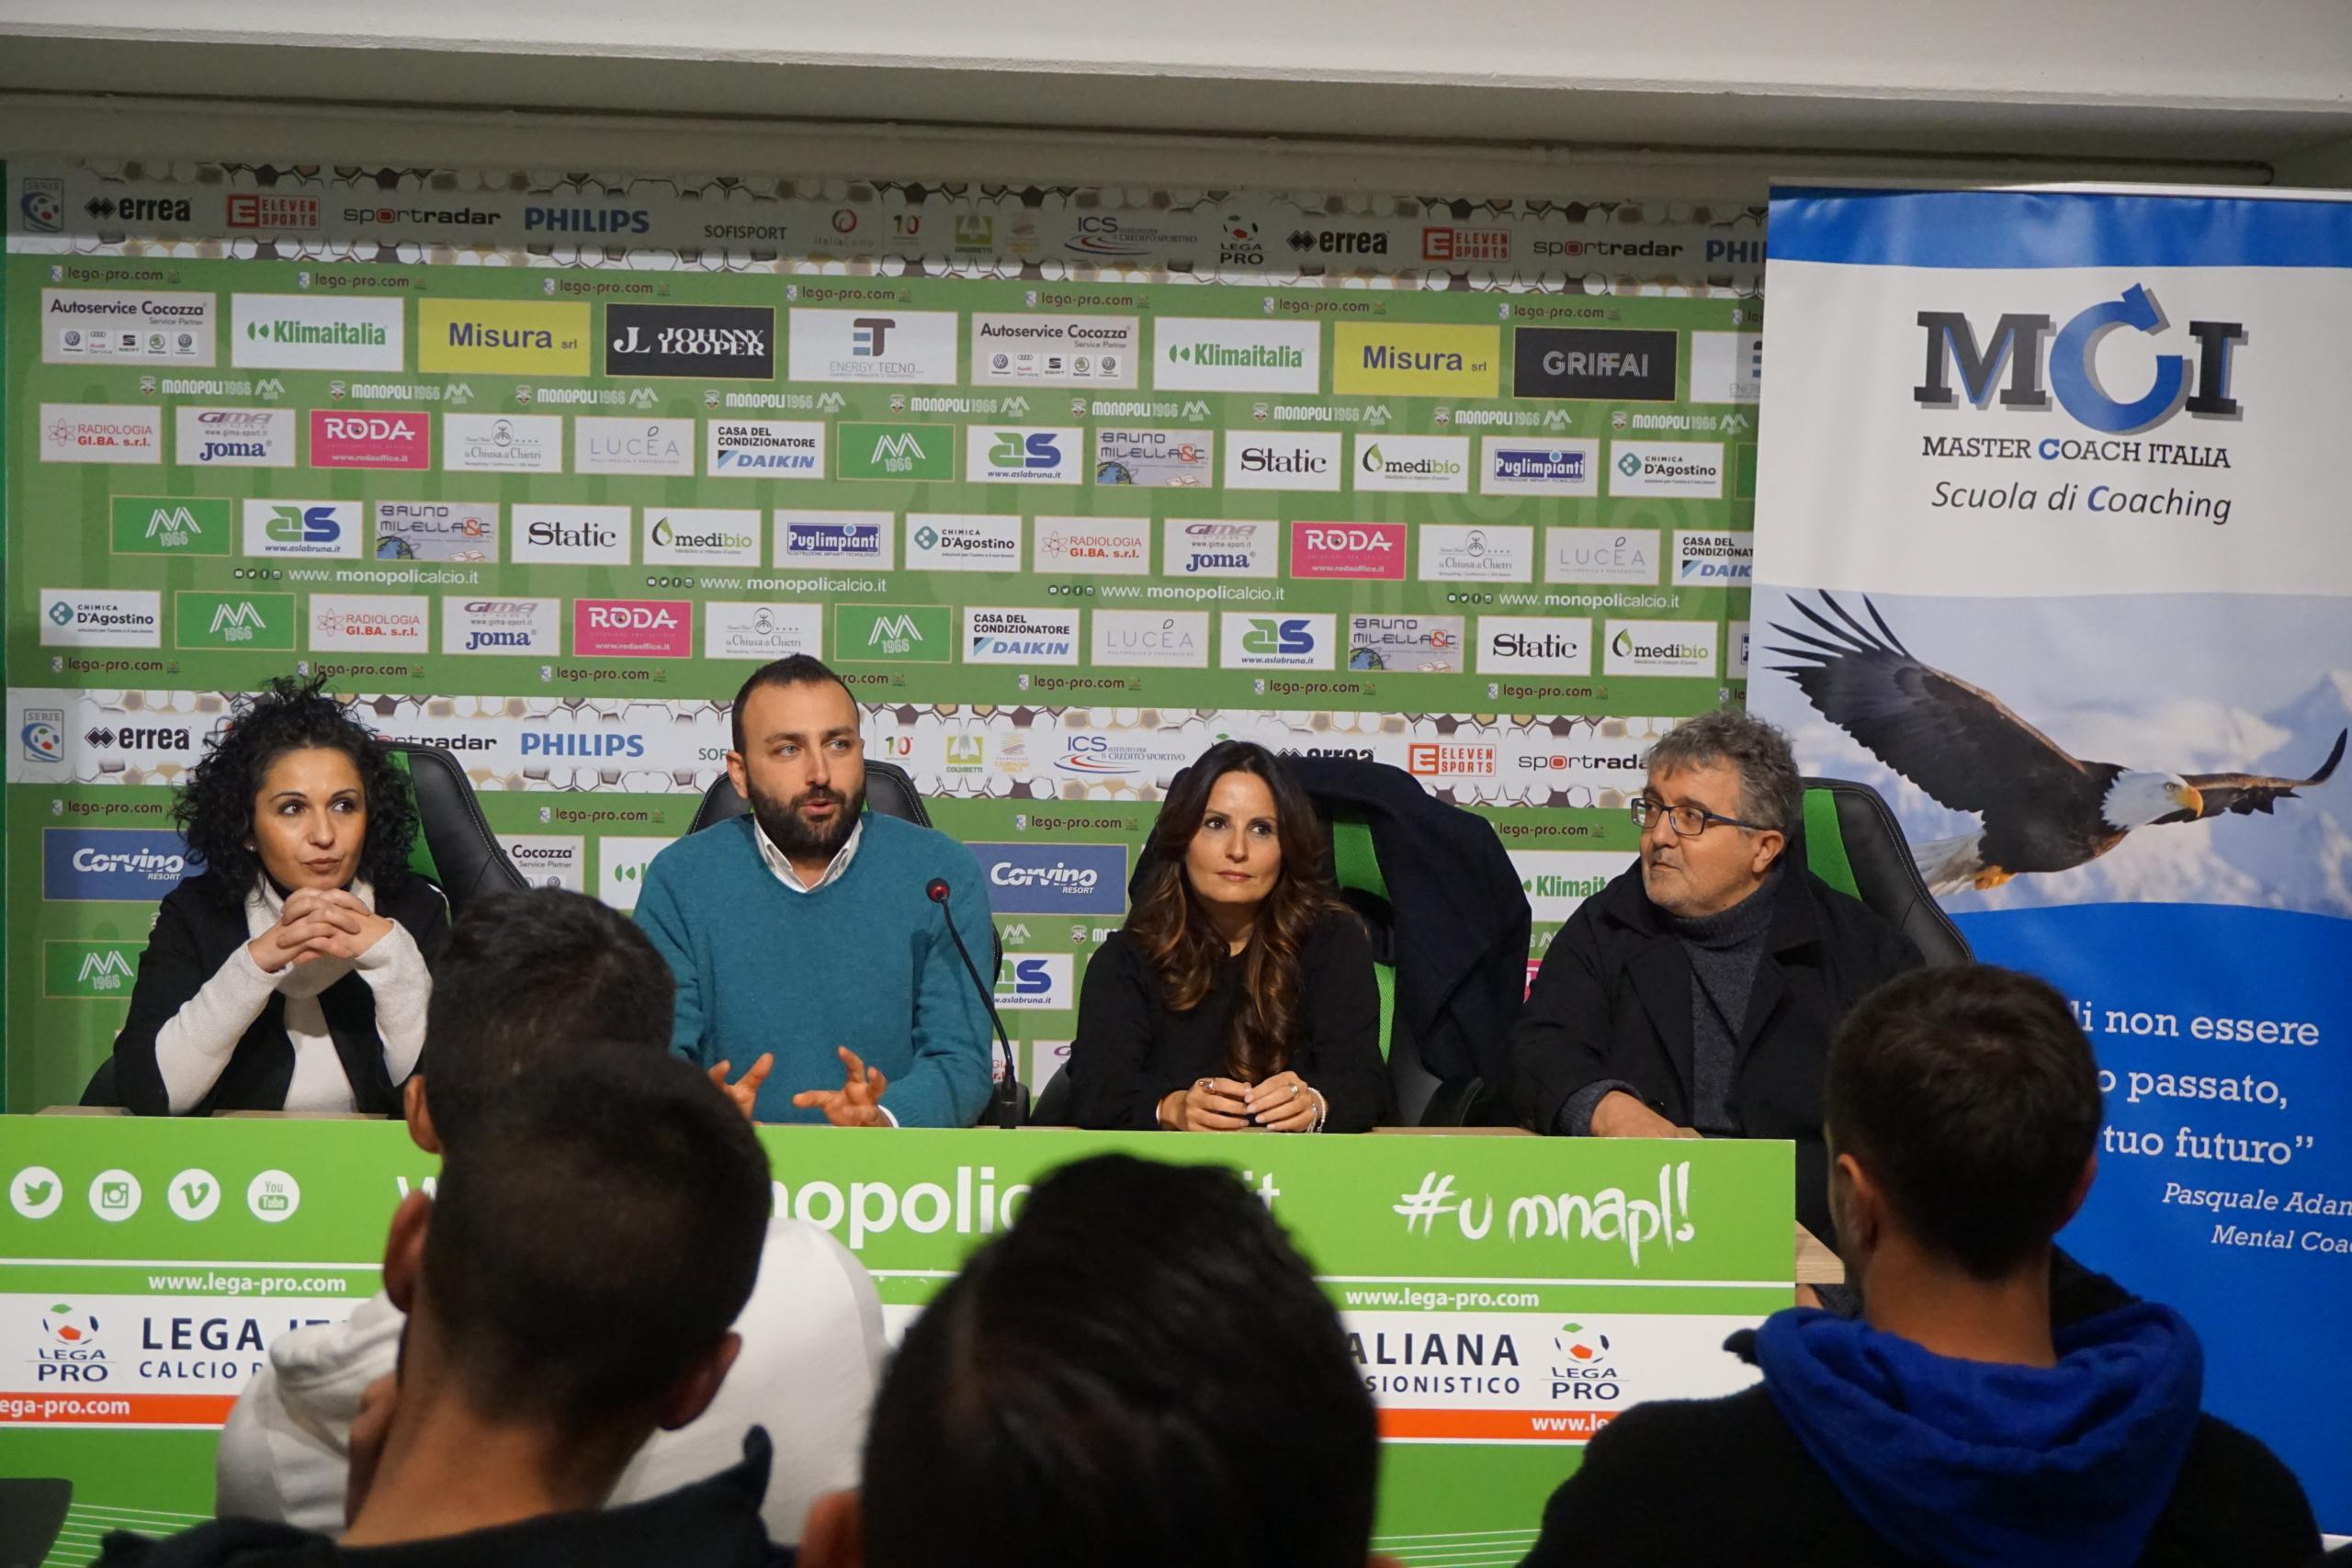 Master Coach Italia per il Monopoli Calcio